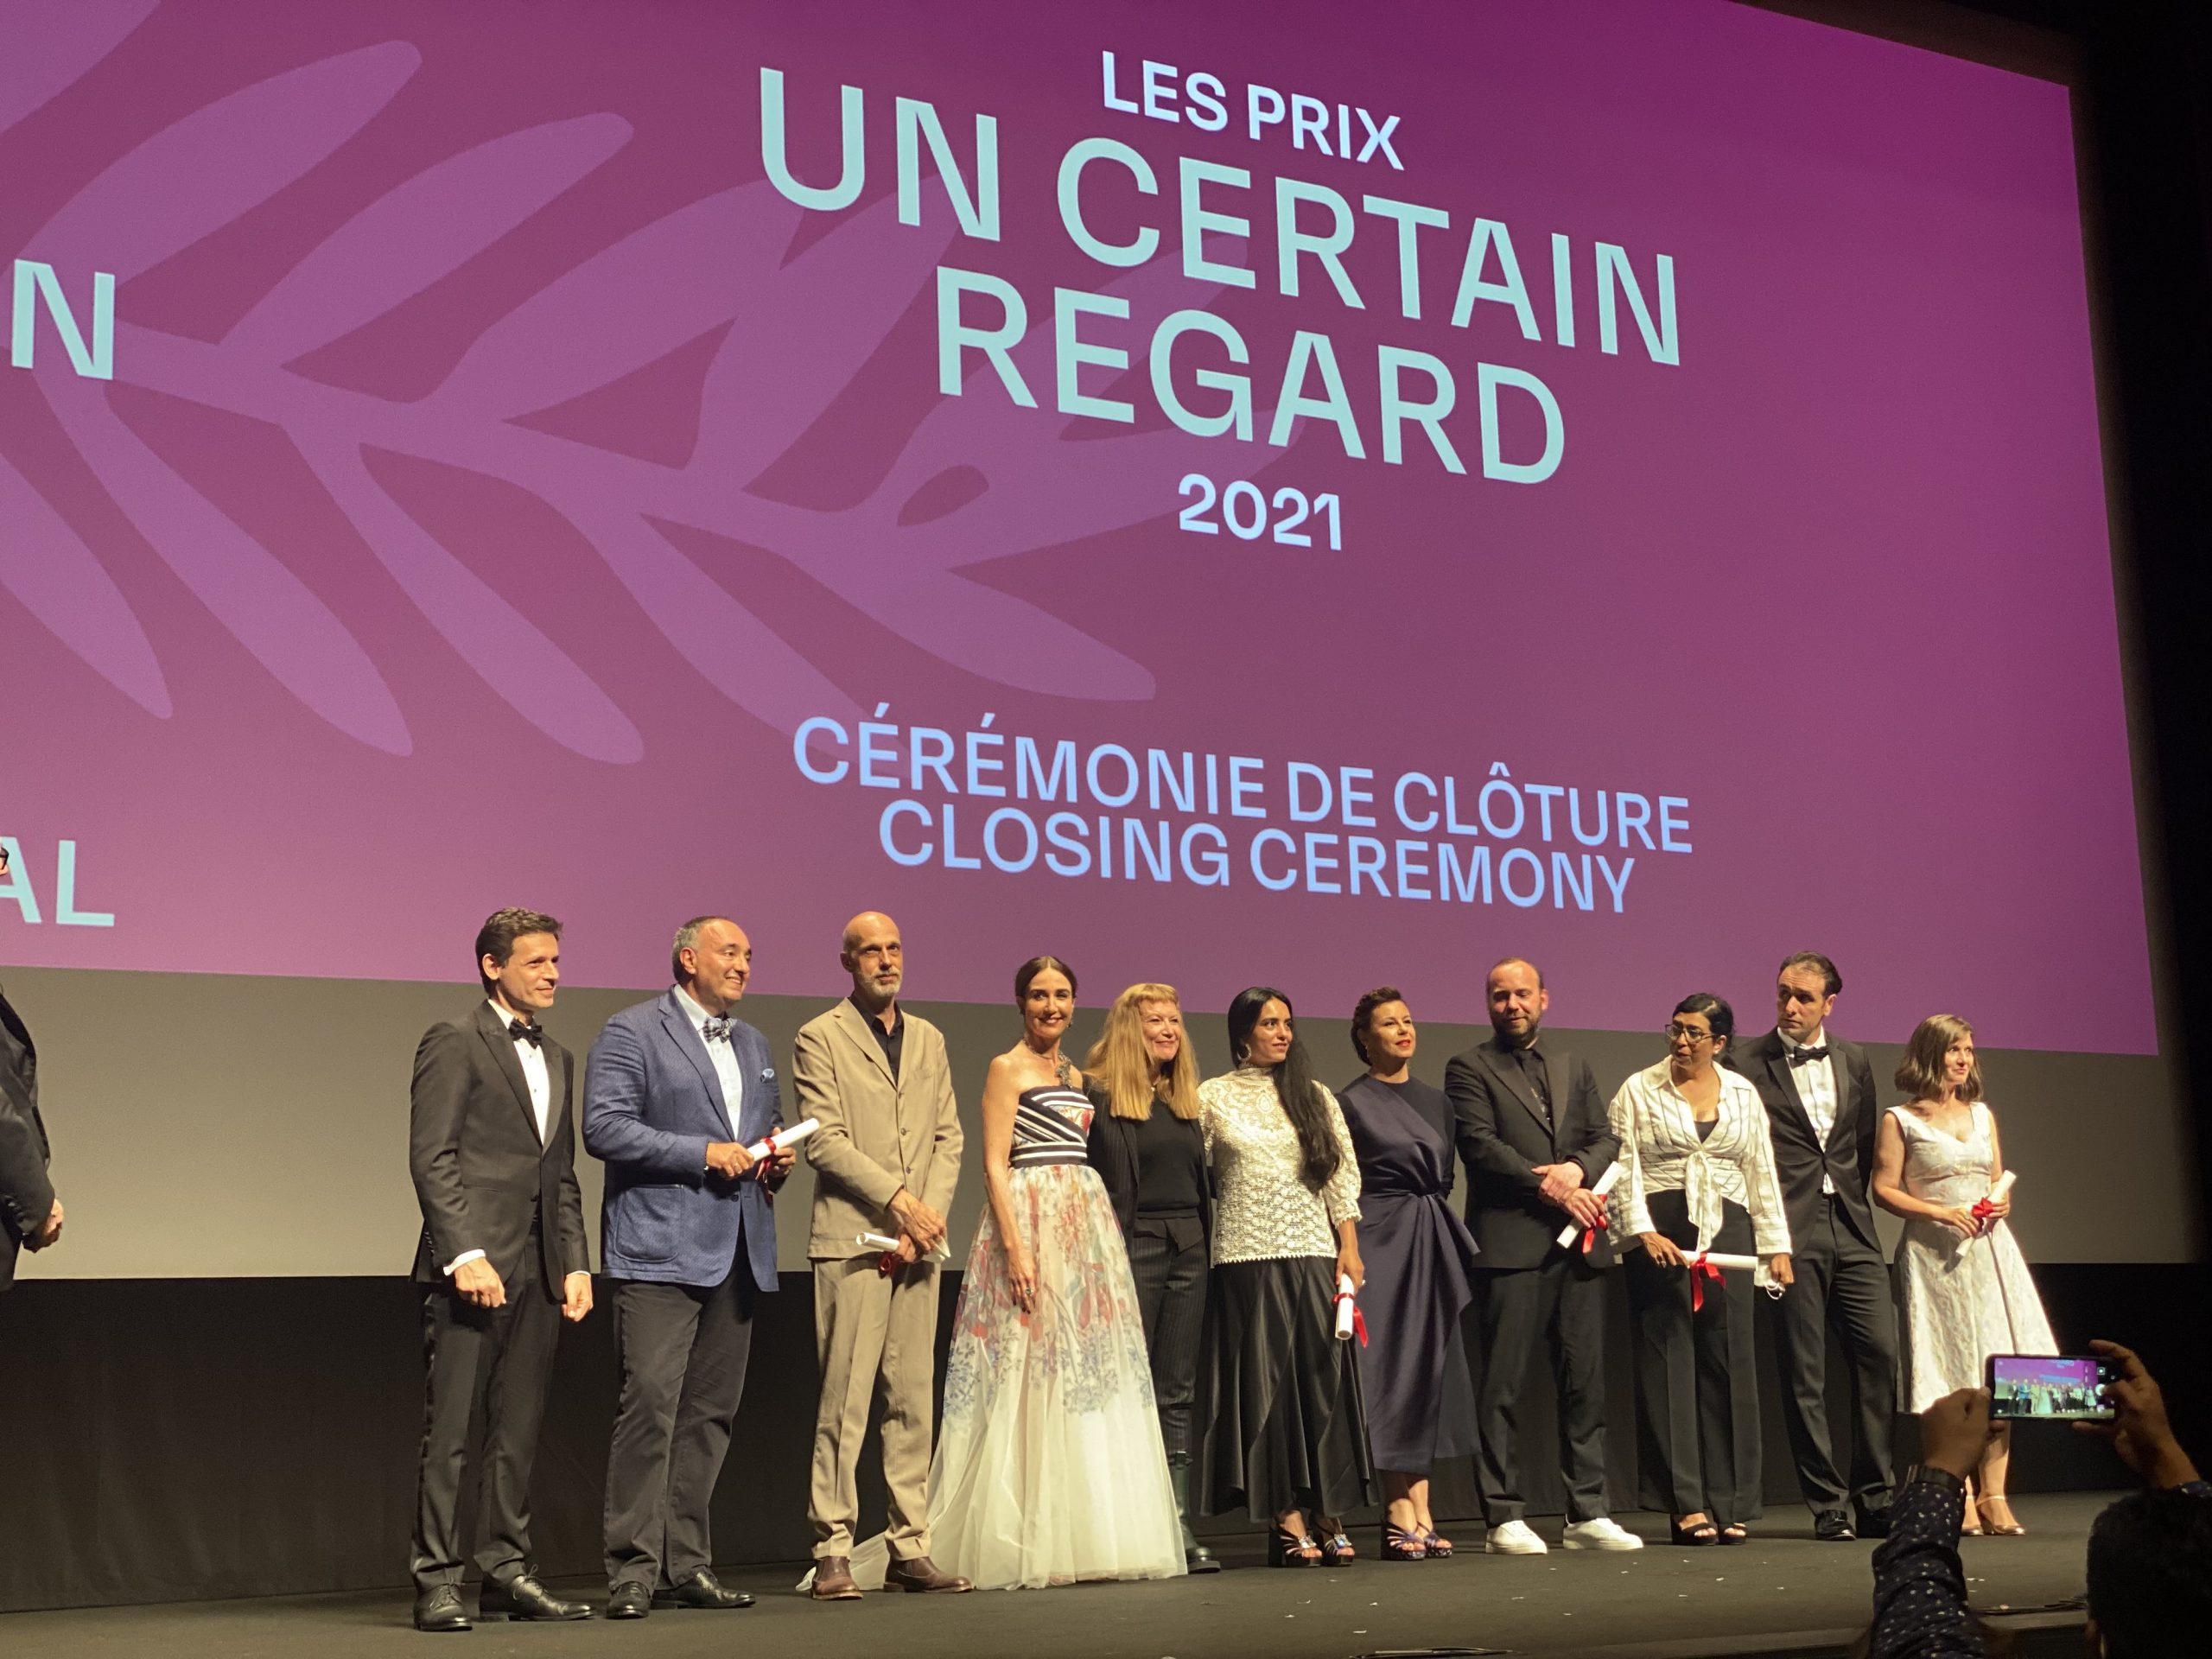 Noche de Fuego se va de Cannes con la mención especial de Un Certain Regard